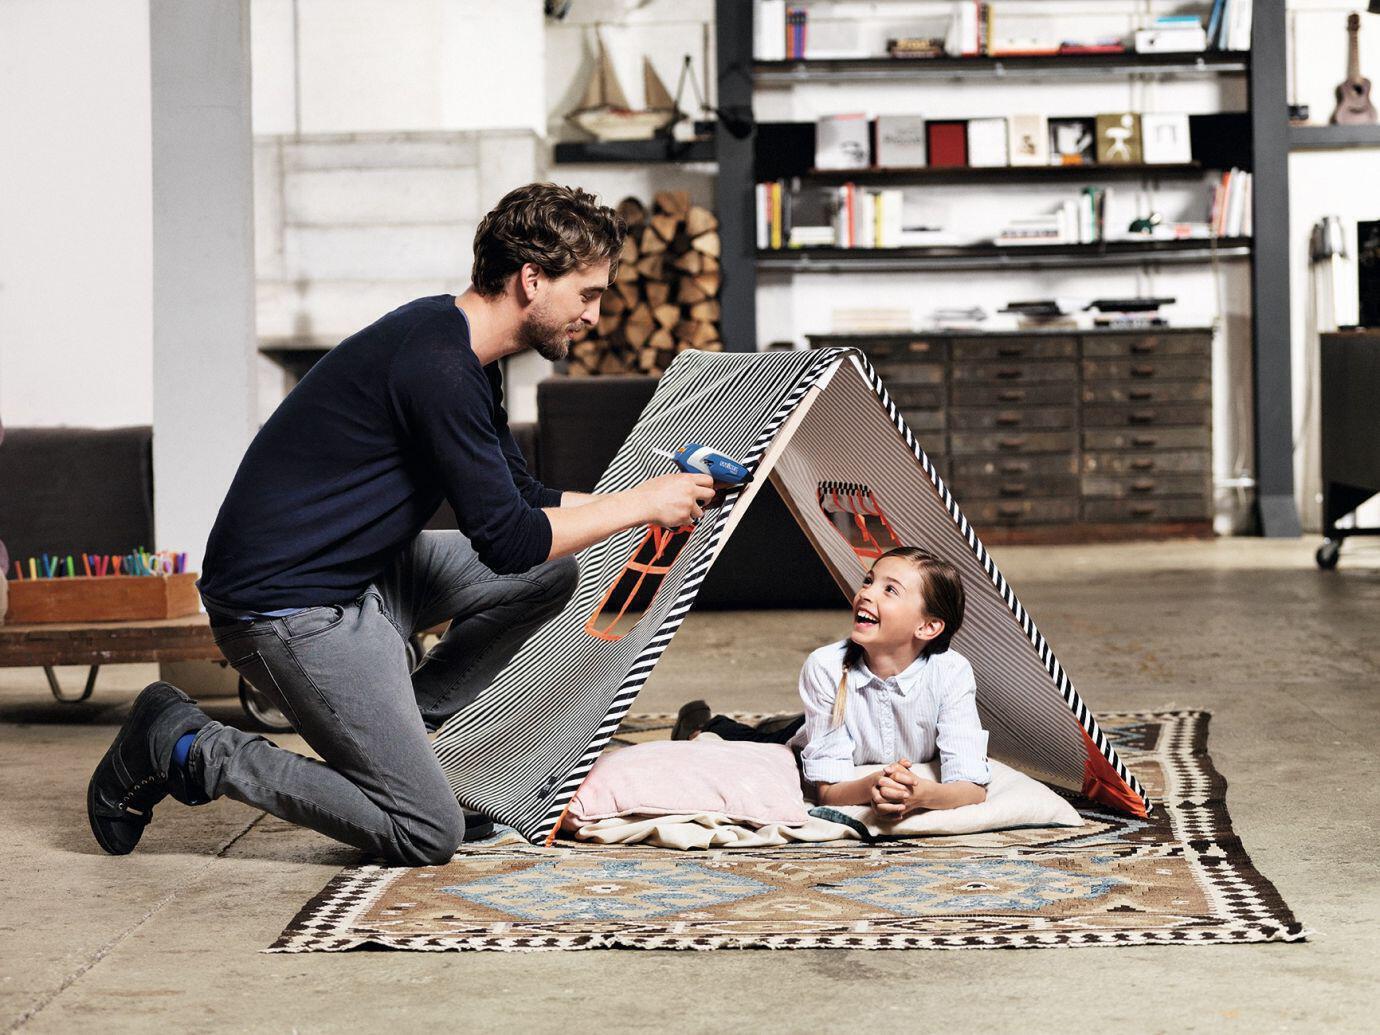 Vater und Tochter bauen ein Zelt aus Stoff mithilfe der Heißklebepistole neo2